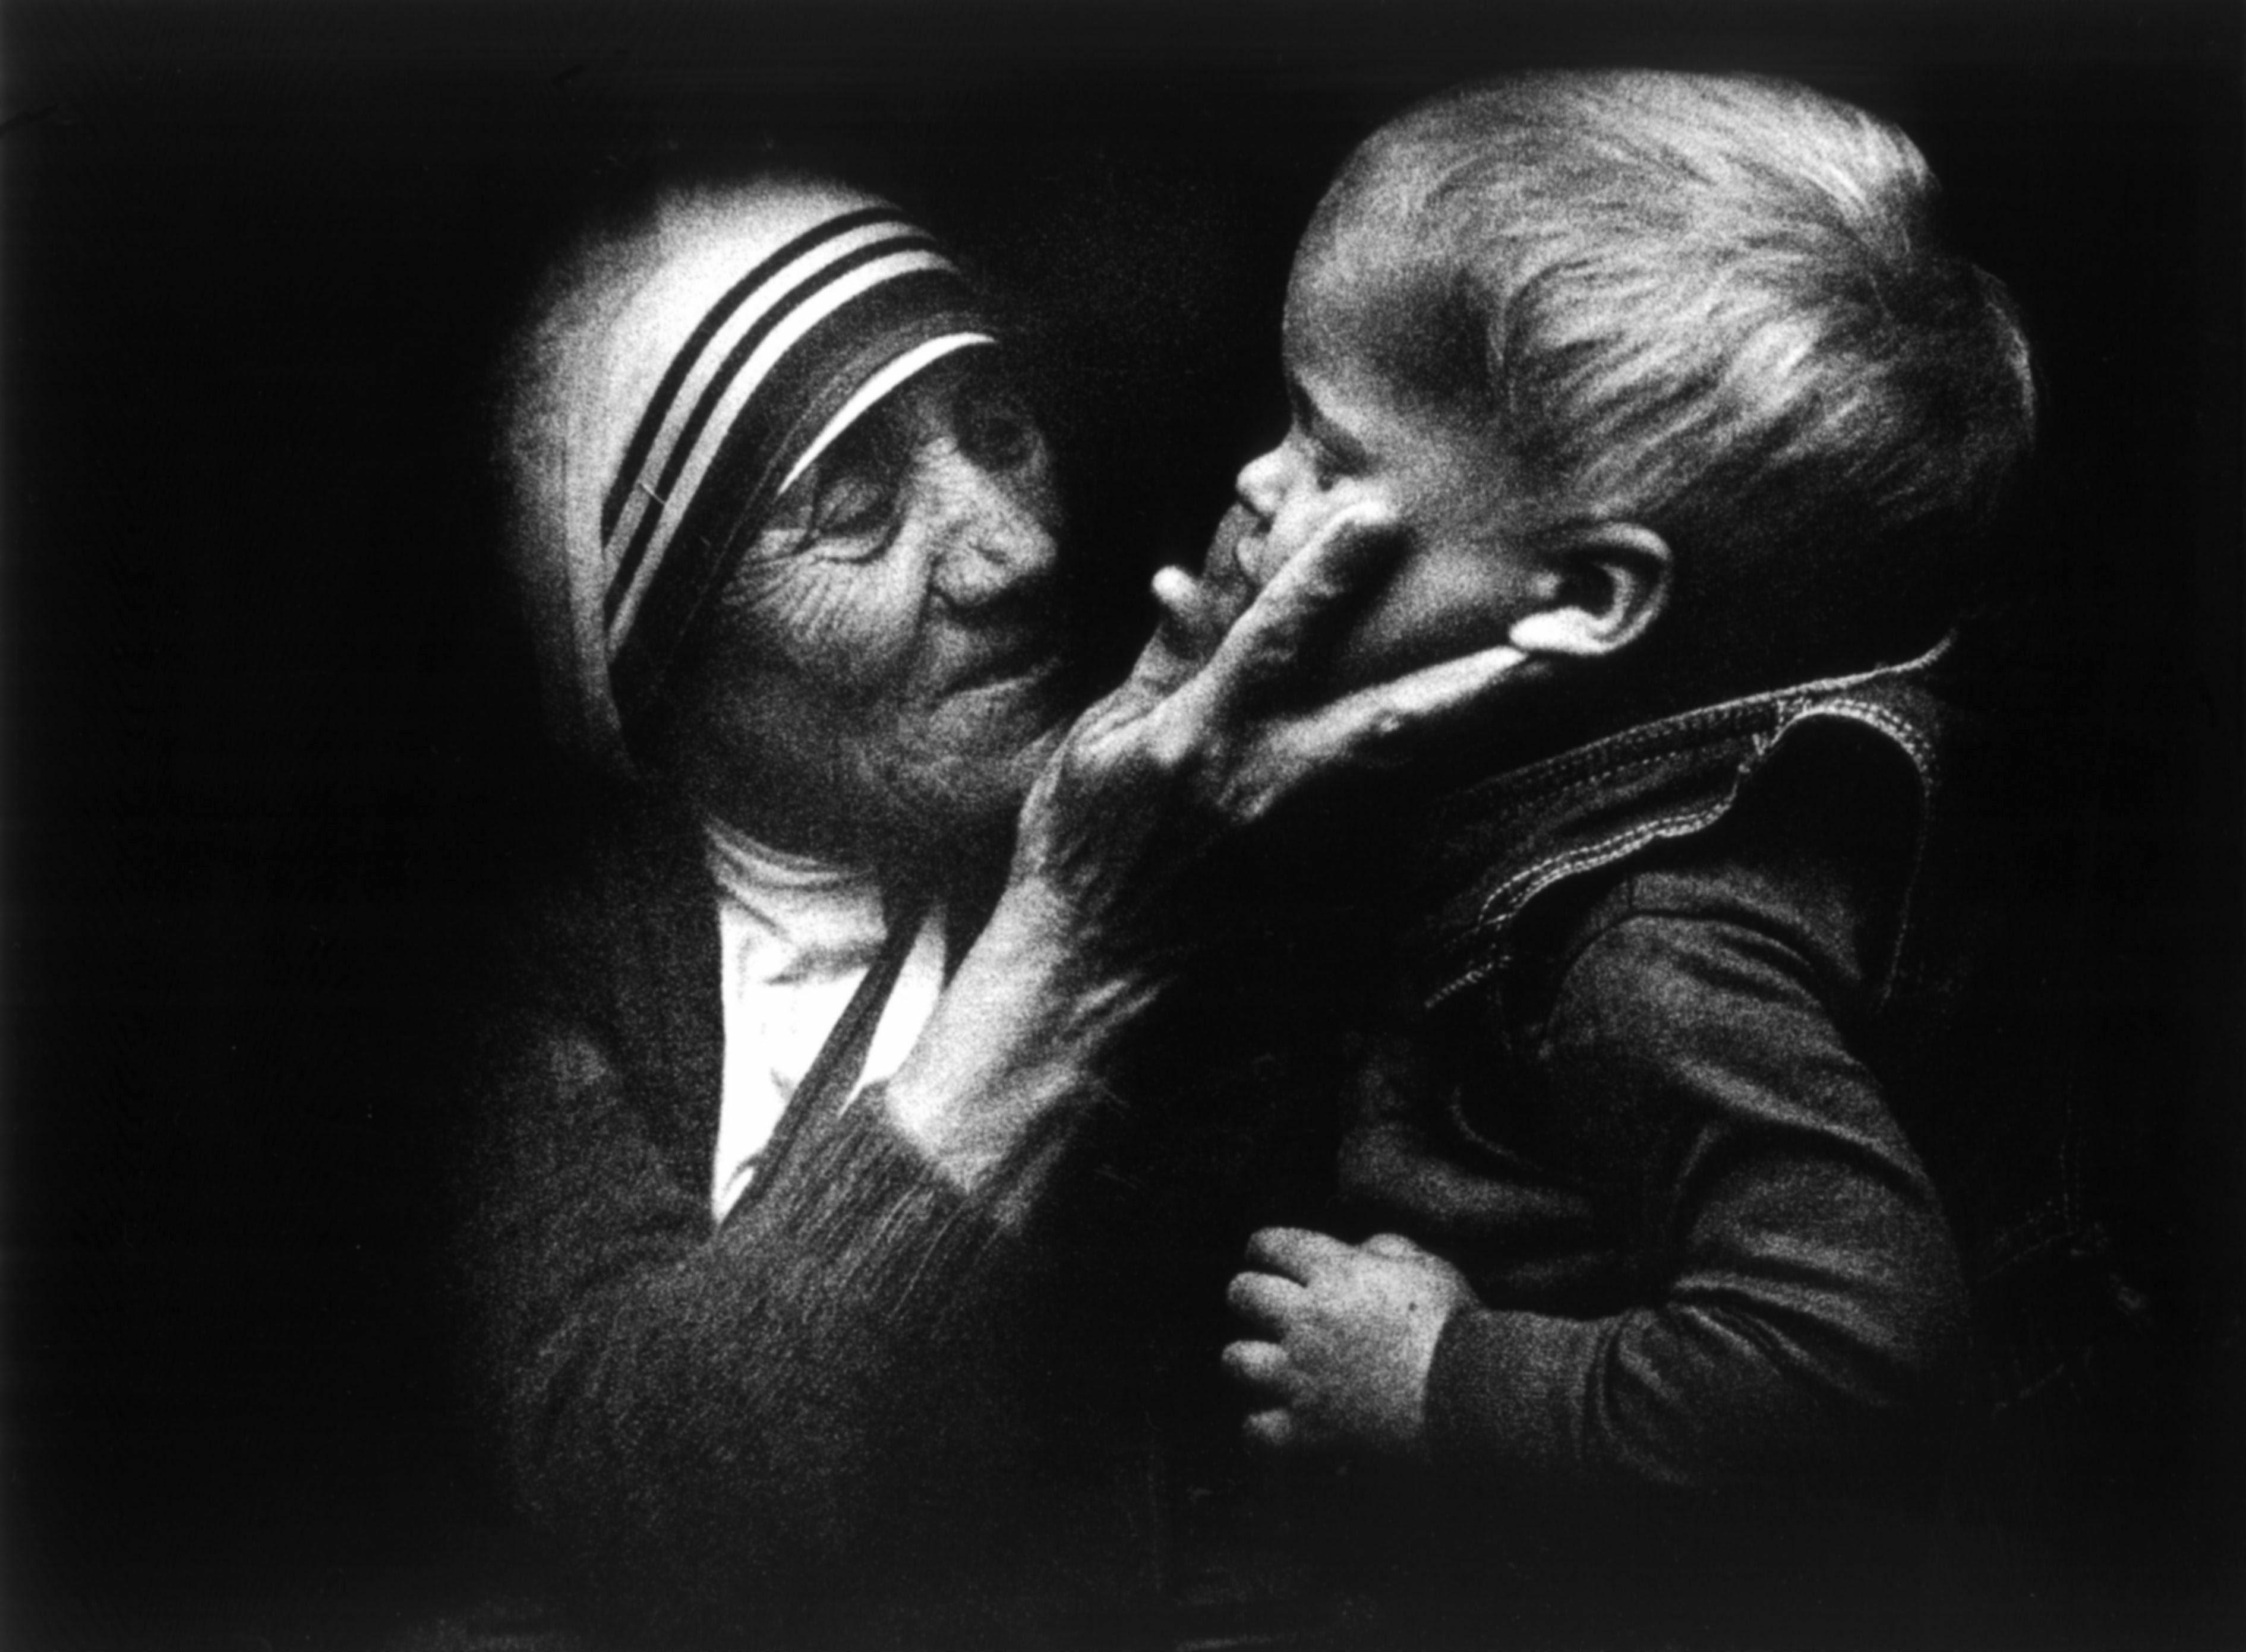 WAR01 VARSOVIA (POLONIA) 01/09/2016.- Fotografía de archivo de fecha desconocida que muestra a la Madre Teresa de Calcuta junto a un niño polaco durante una visita a Polonia. La Madre Teresa, nacida el 26 de agosto de 1910 y fallecida el 5 de septiembre de 1997, será canonizada el próximo 4 de septiembre de 2016 en el Vaticano por el papa Francisco. EFE/Tomasz Gzell PROHBIDO SU USO EN POLONIA